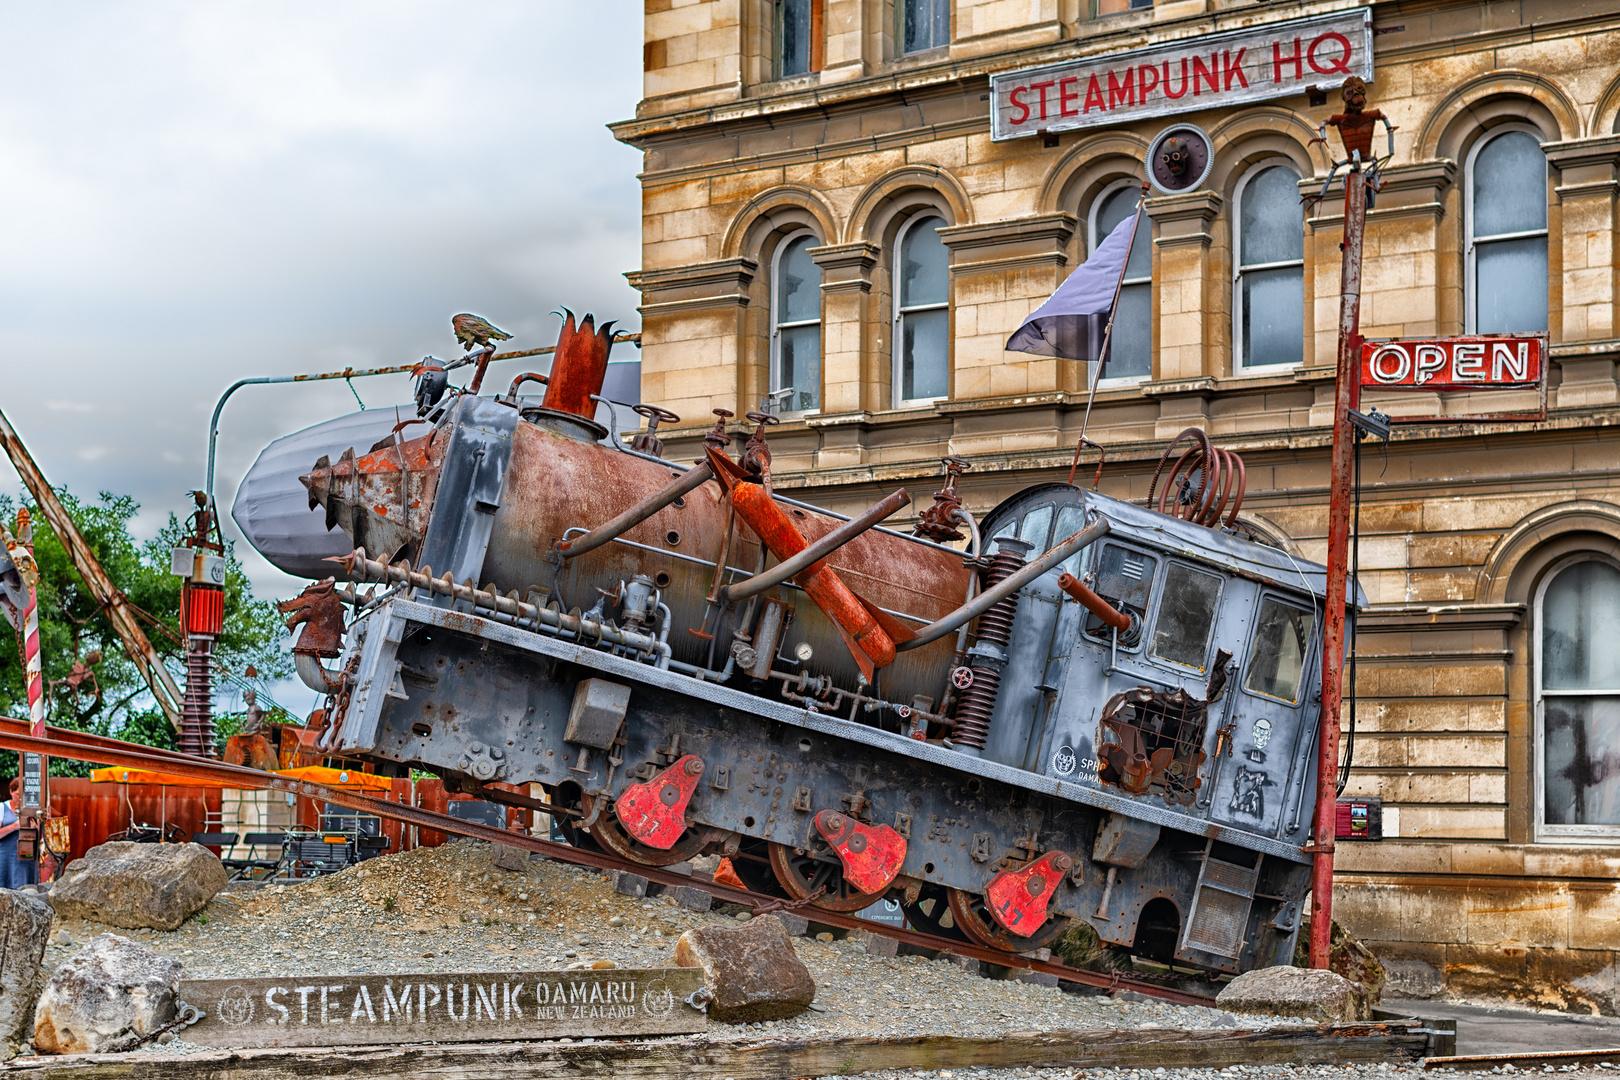 Steampunk Headquarter in Oamaru (NZL)